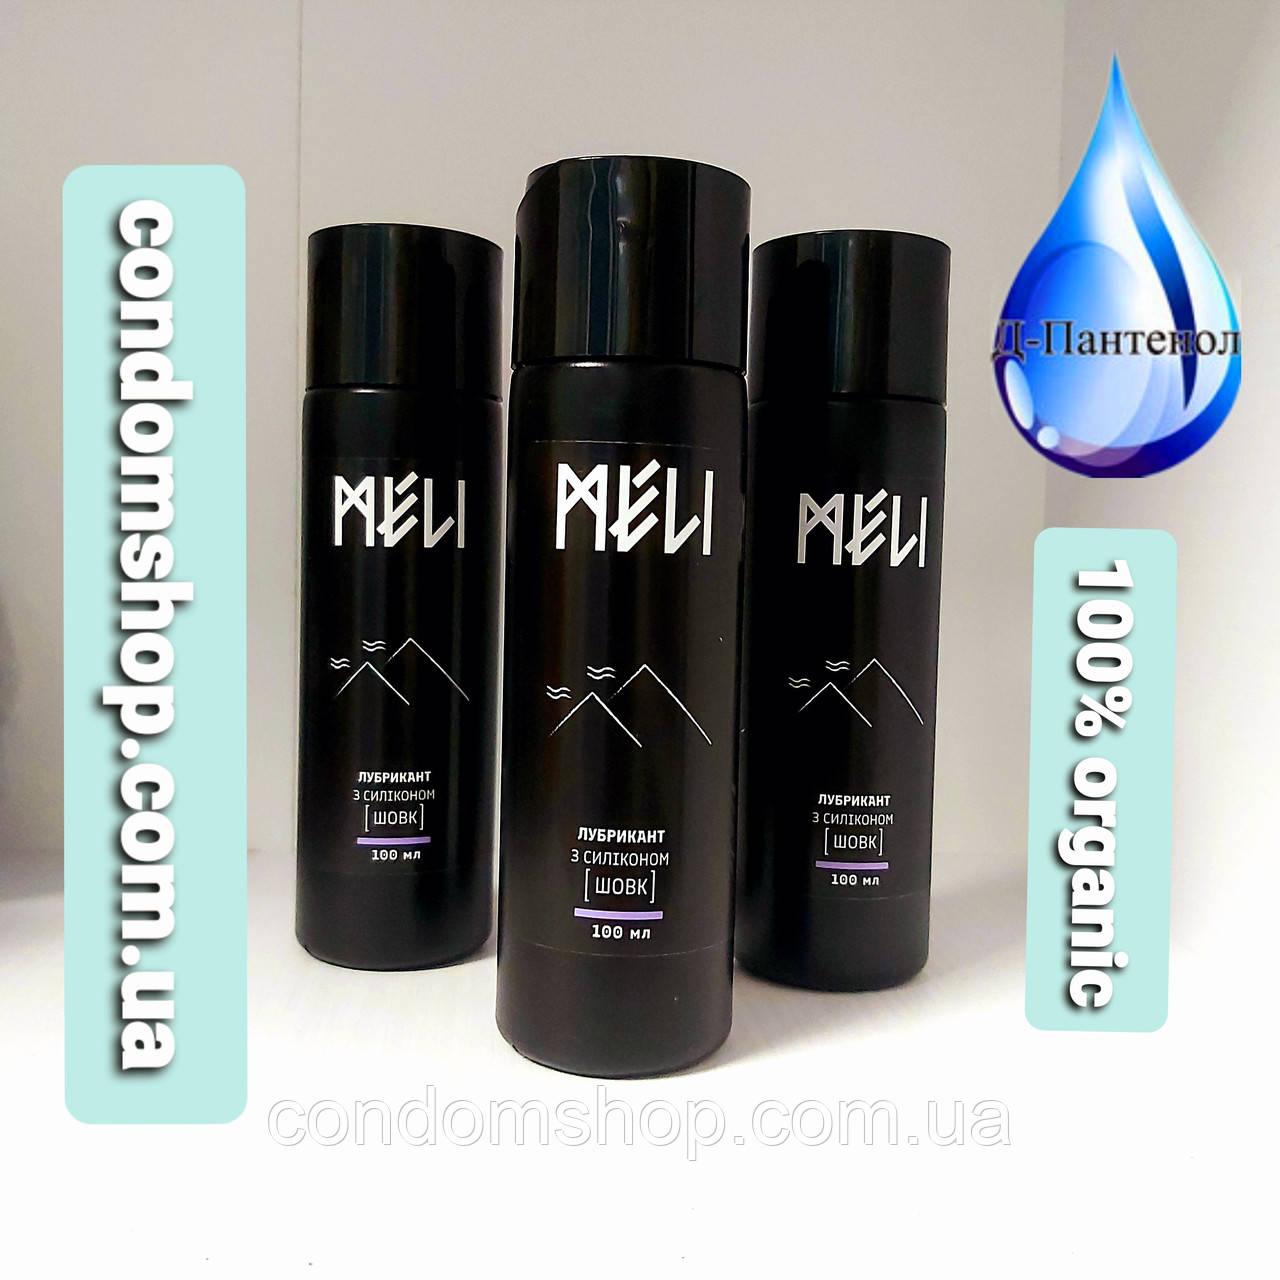 Інтимний гель-змазка Meli шовк вода+силікон.100% organic. 100 ml.Для всіх видів сексу і масажу.